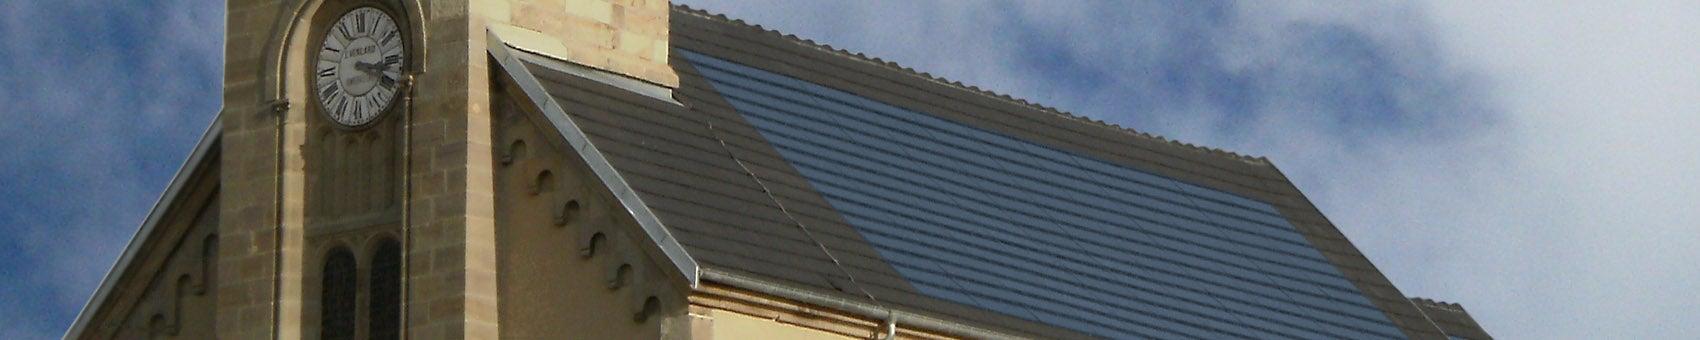 EVOLU KIT, kit photovoltaïque posé sur toit d'église à Saint Gordon